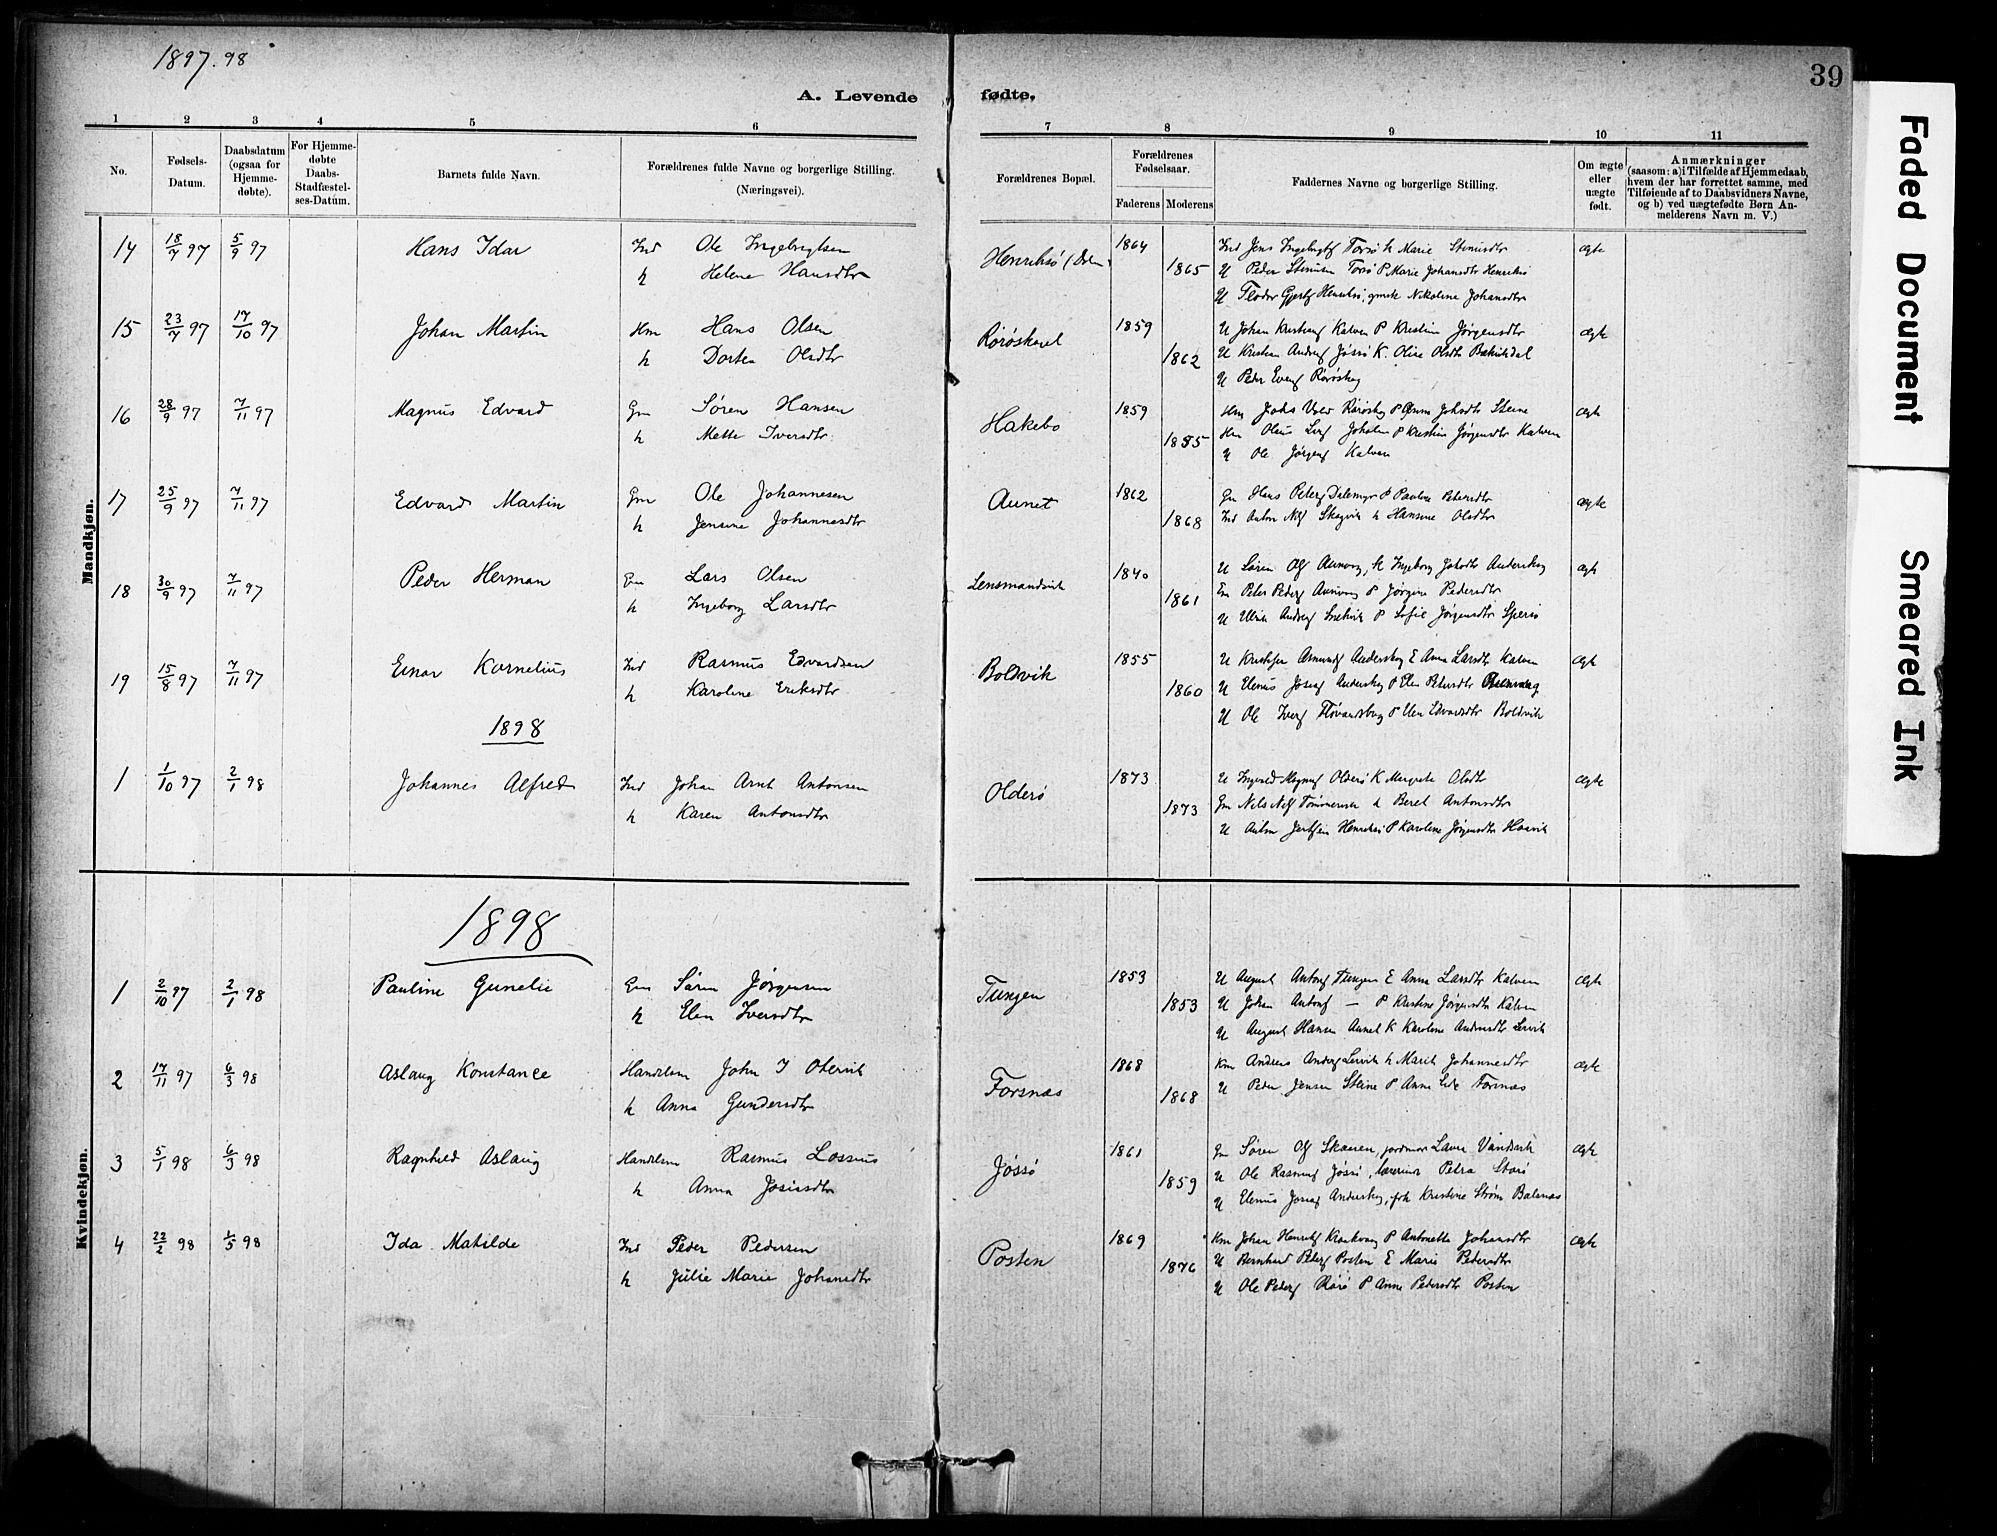 SAT, Ministerialprotokoller, klokkerbøker og fødselsregistre - Sør-Trøndelag, 635/L0551: Ministerialbok nr. 635A01, 1882-1899, s. 39